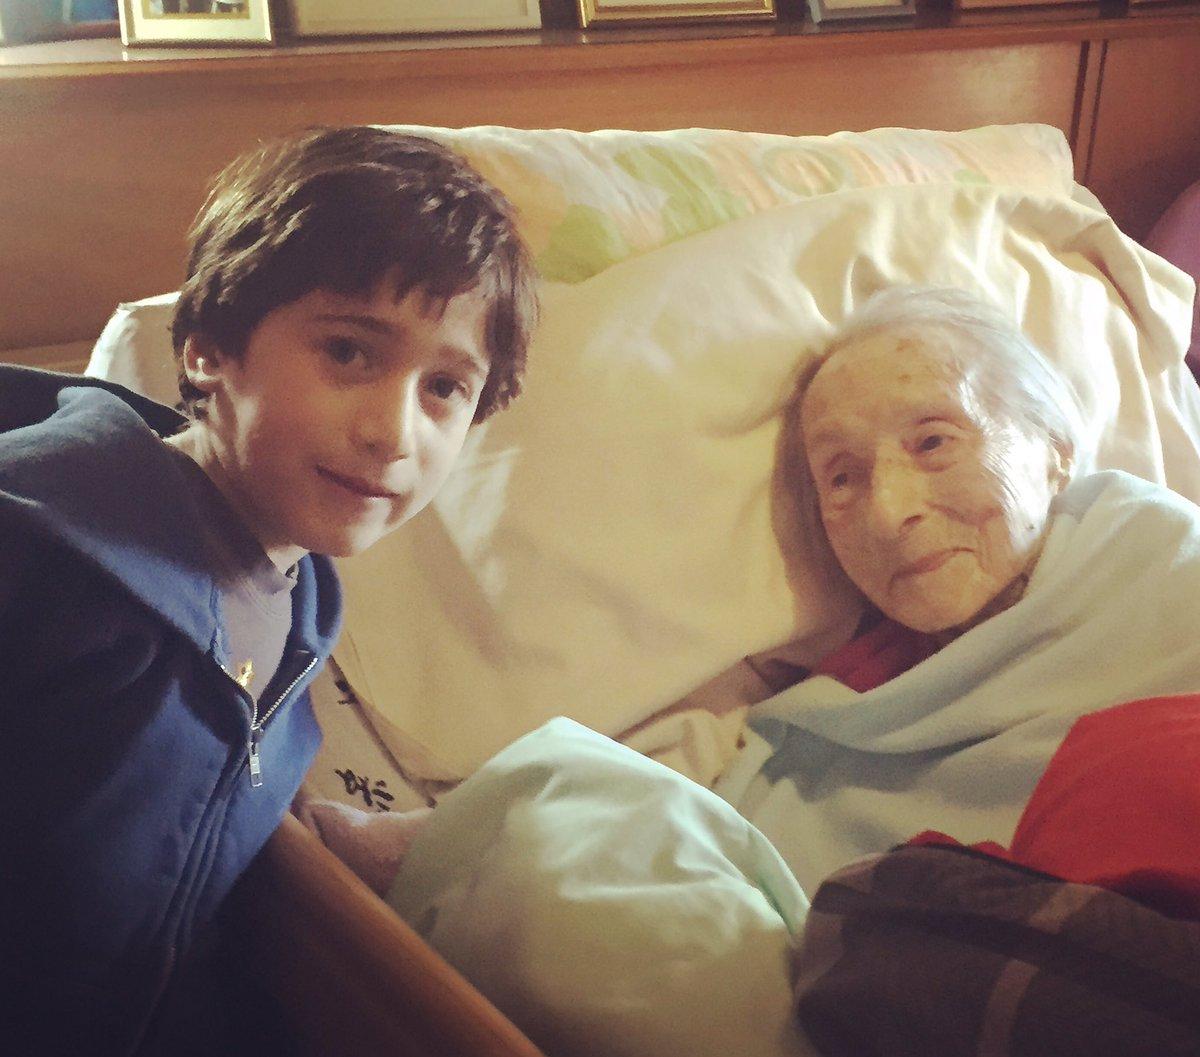 100 שנים של הפרש. סבתא שלי והבן שלי. היא בת 107 הוא 7 https://t.co/jZ24urxE7C